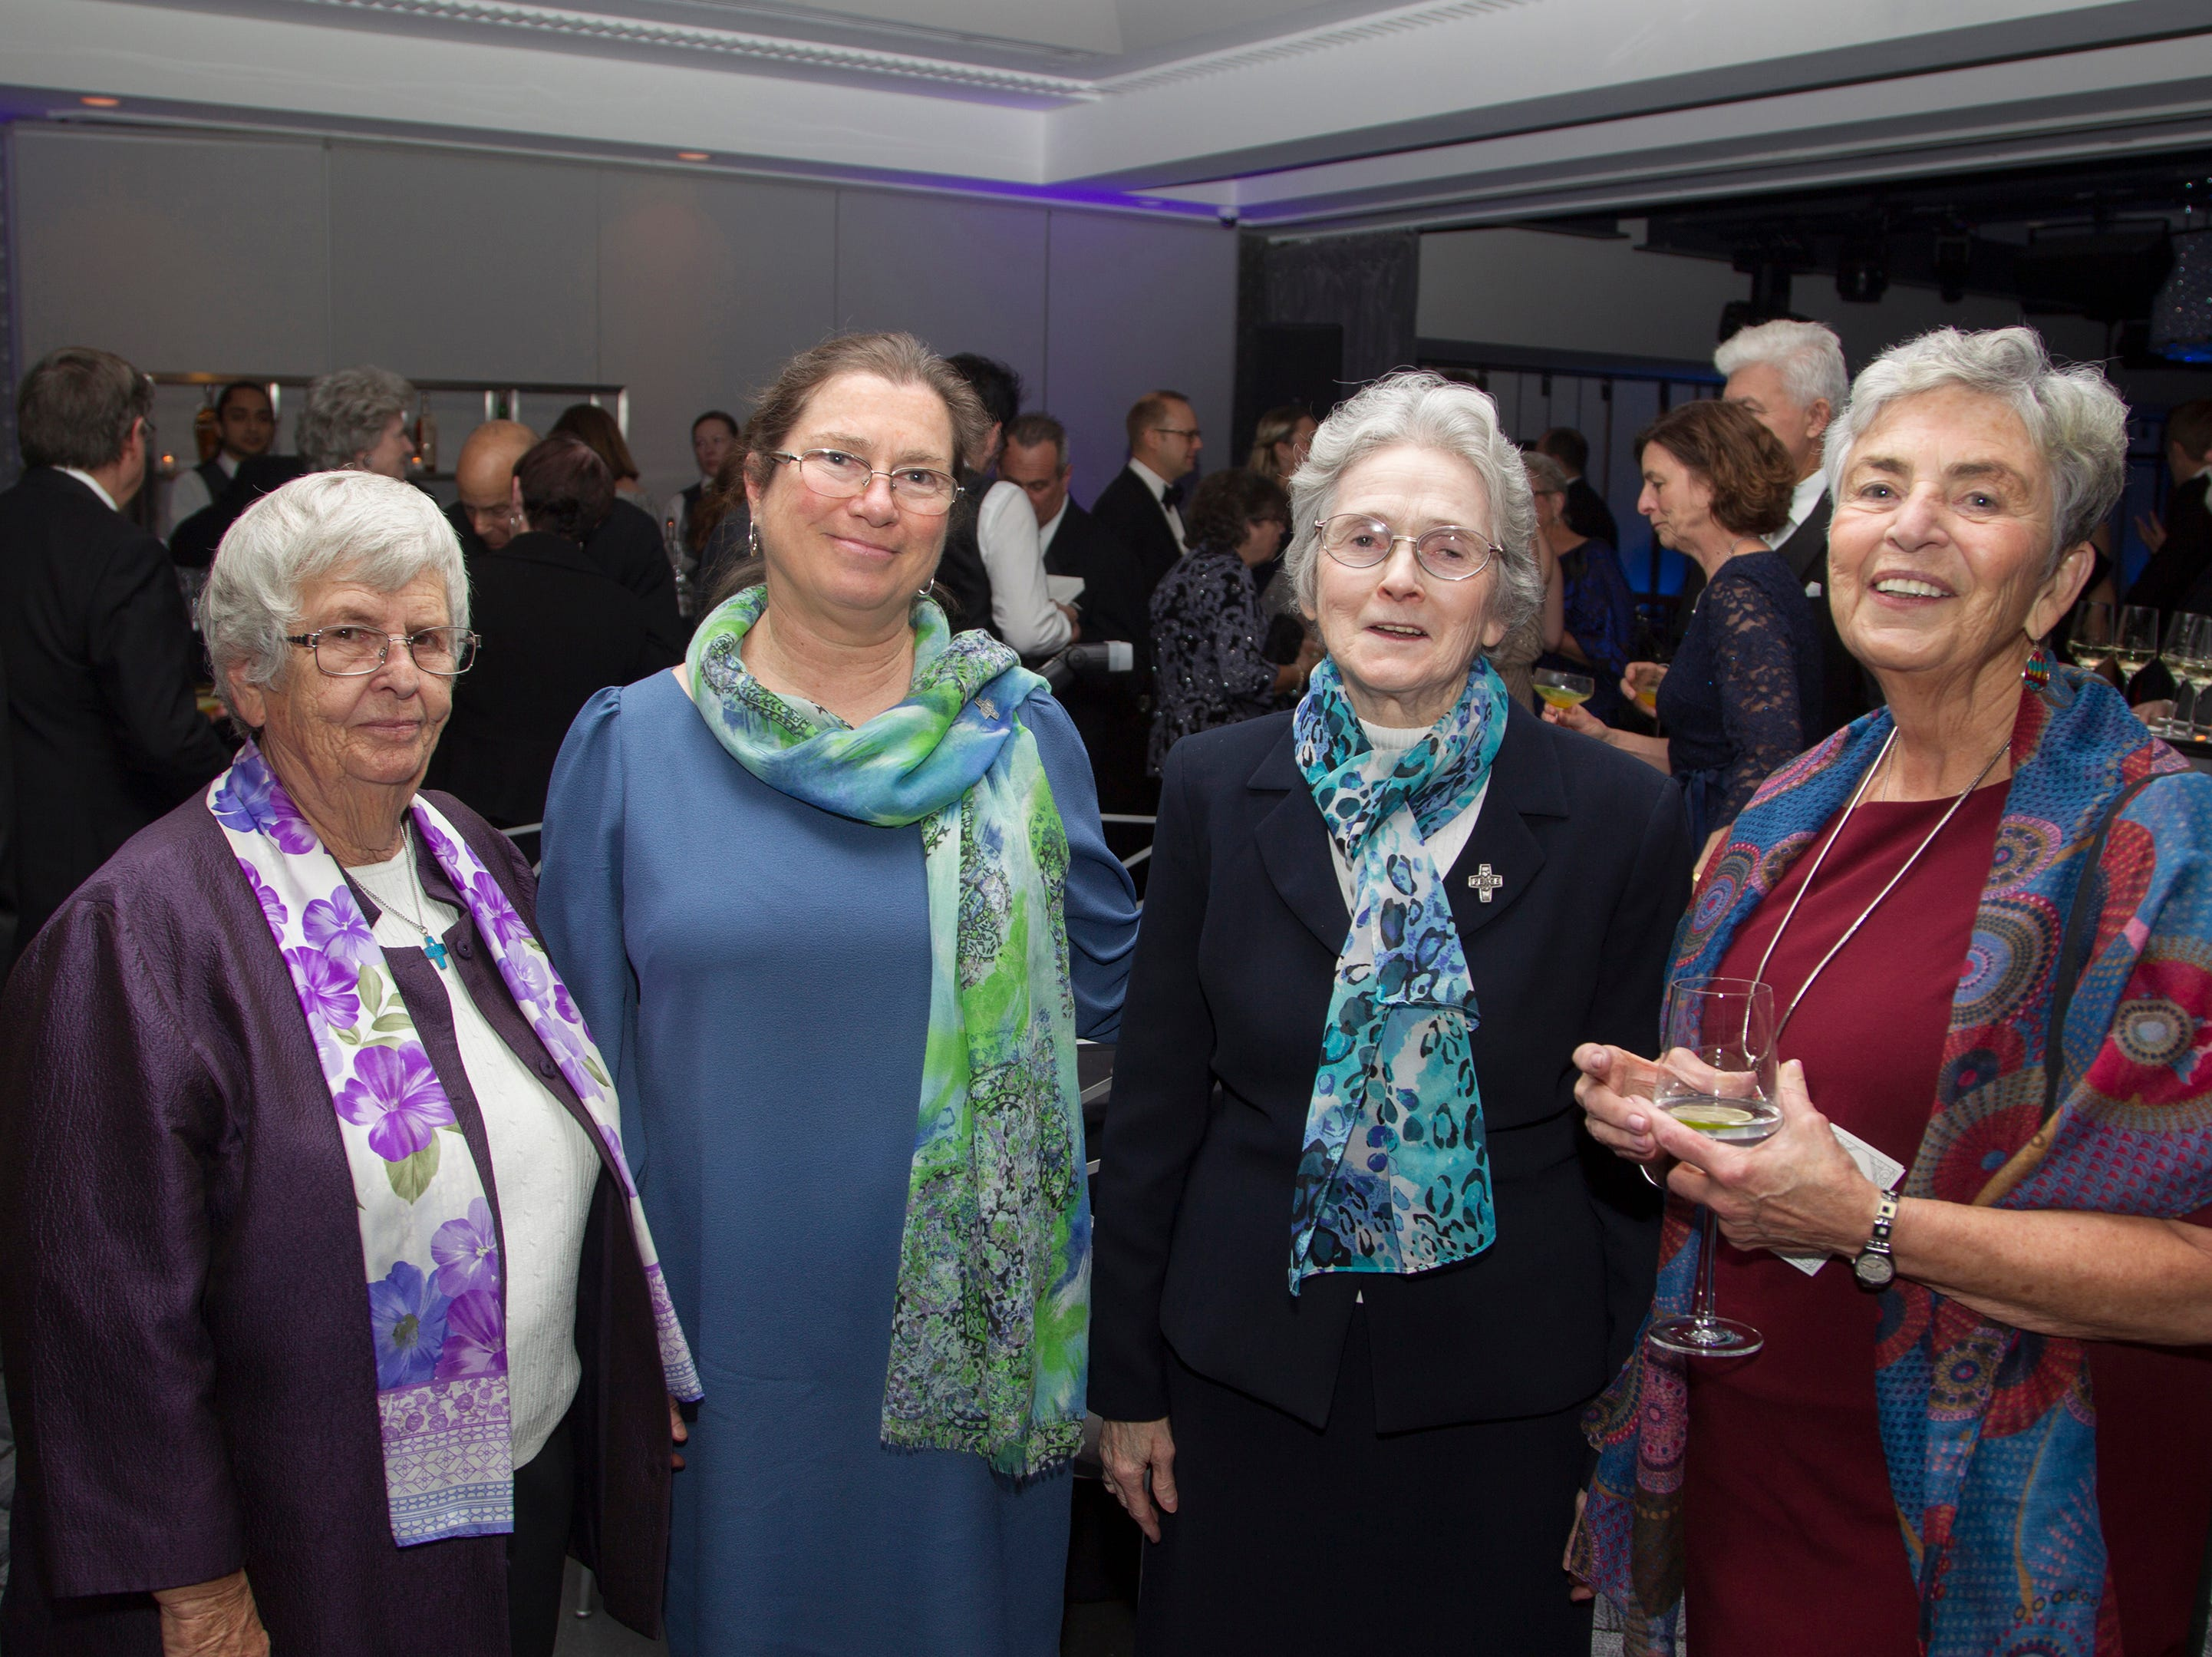 Sister Barbara Moran, Sister Mindy McDonald, Sister Breda Boyle, and Sister Maureen D'Auria . Holy Name Medical Center held its 2018 Founders Ball in NYC at Ziegfeld Ballroom. 11/17/2018